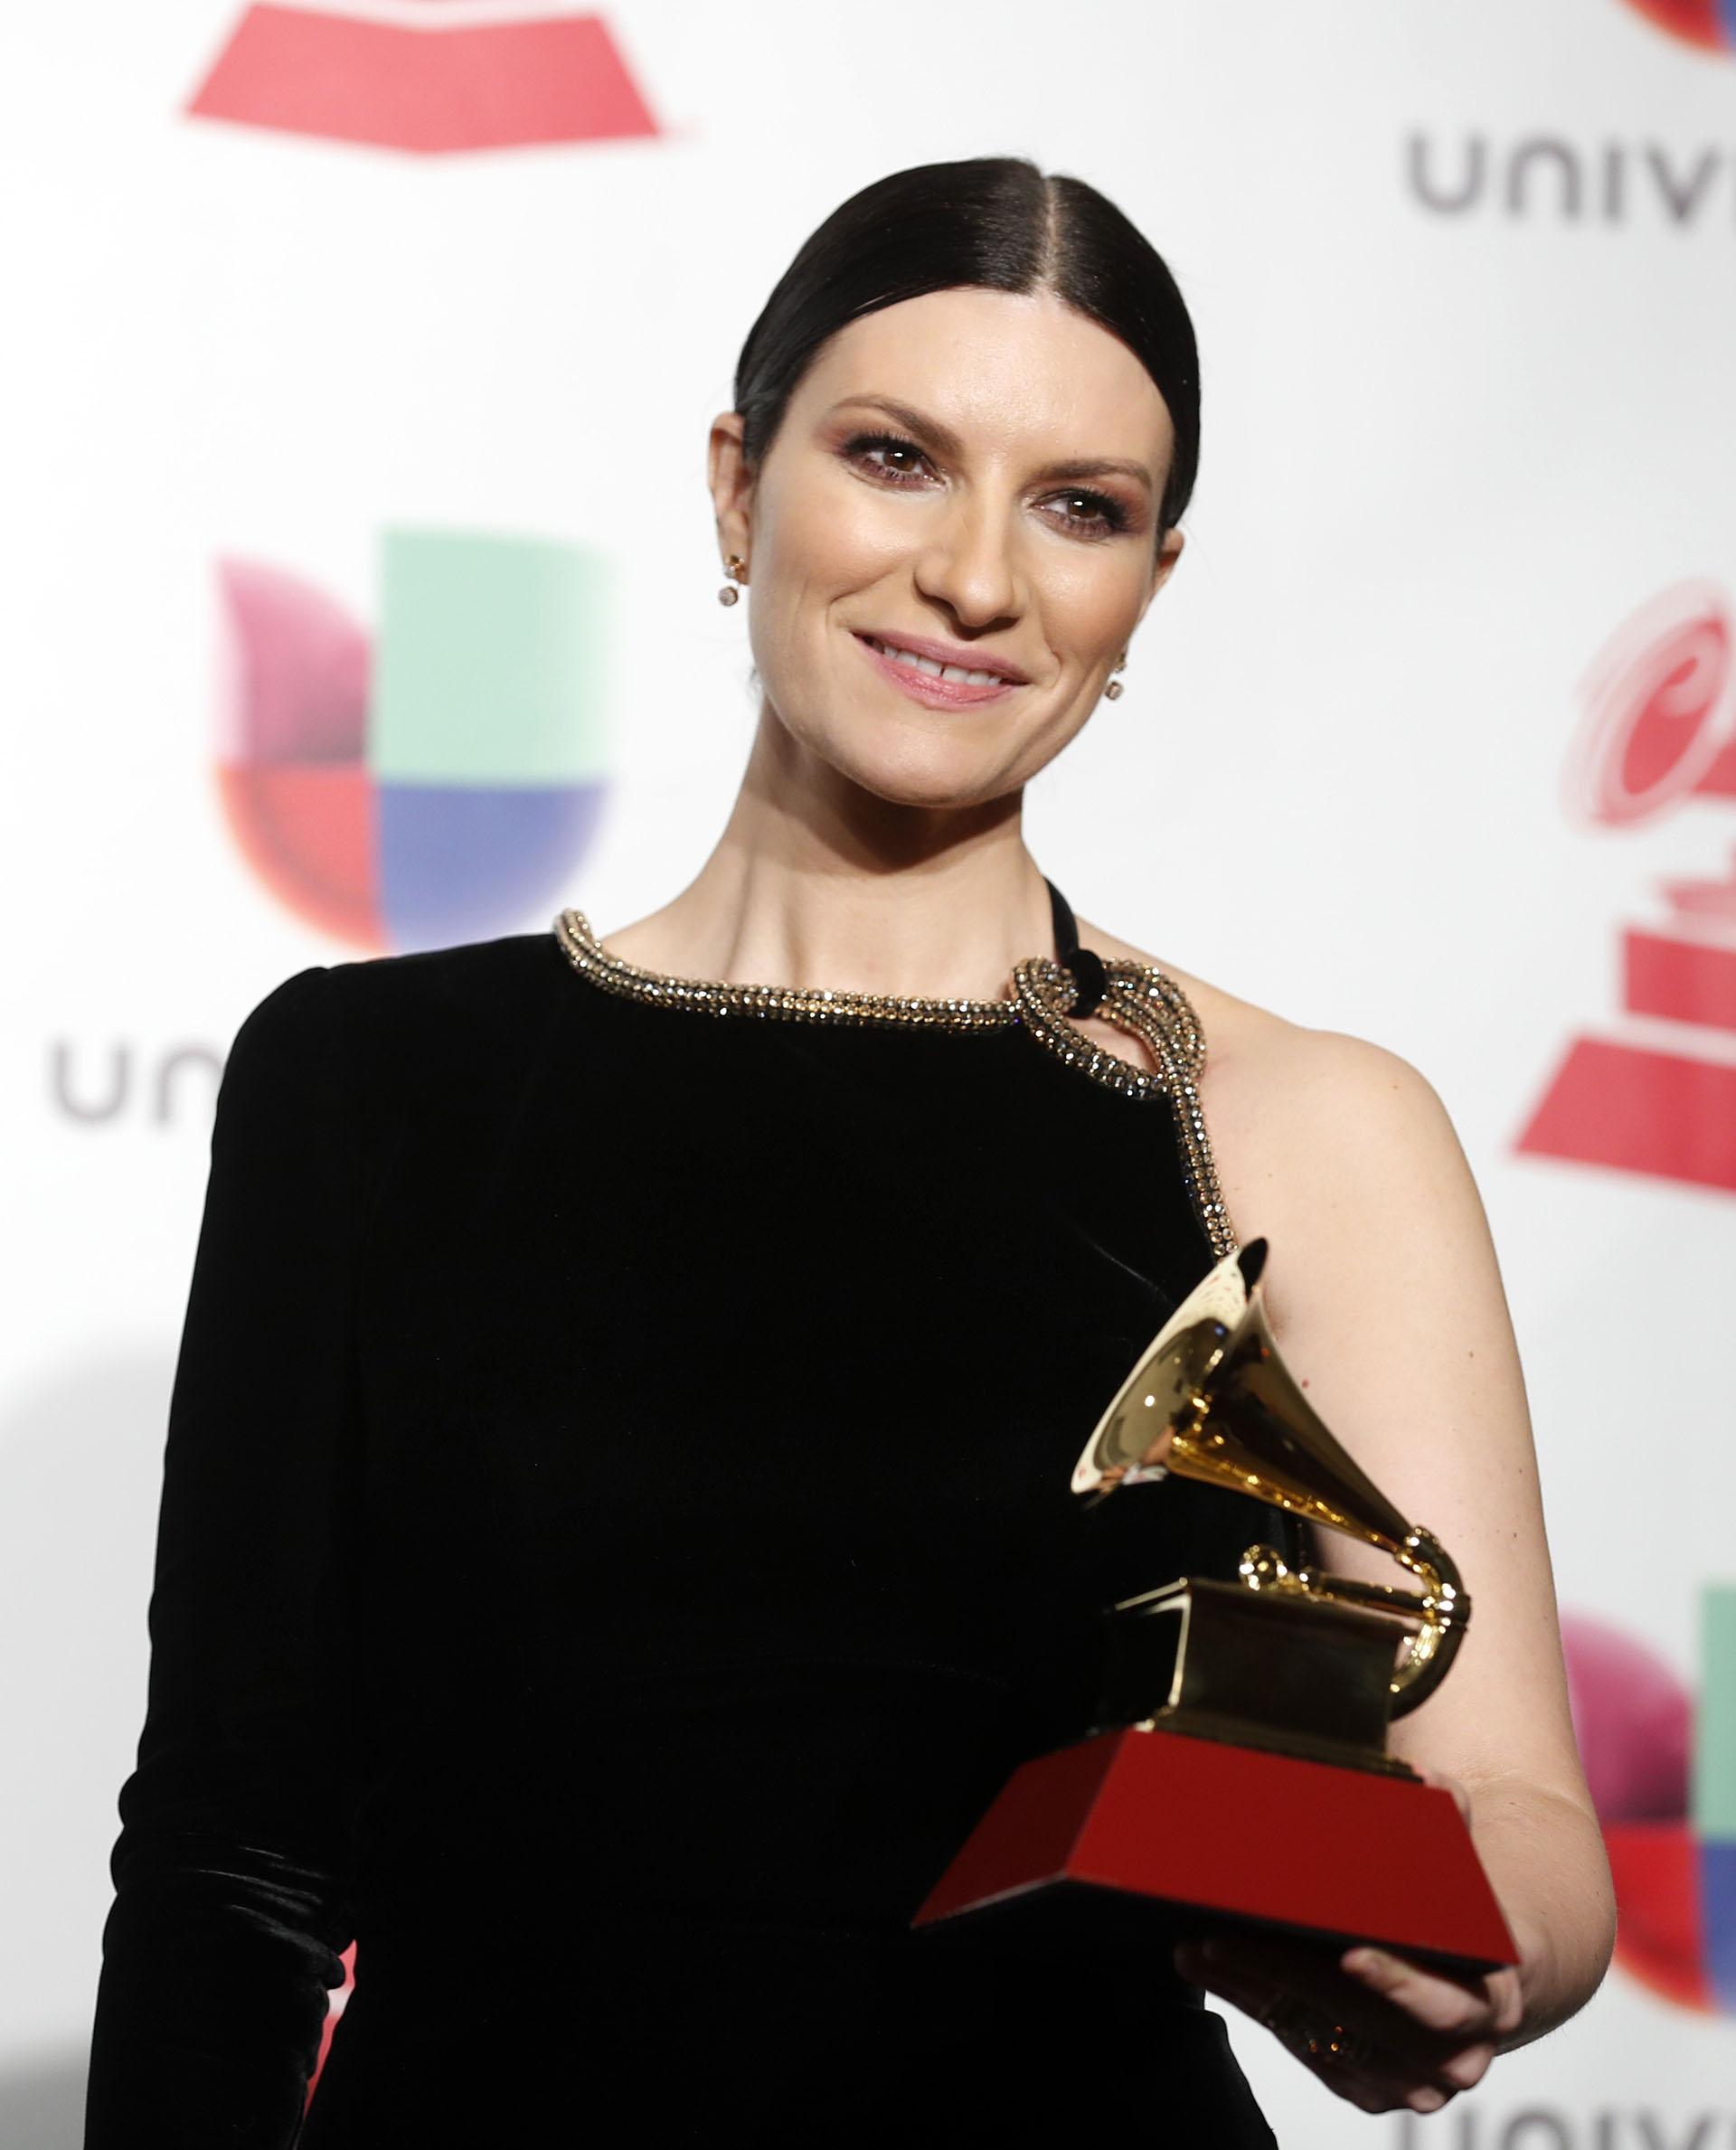 La cantante Laura Pausini después de recibir el premio a Mejor Álbum Vocal Pop Tradicional.